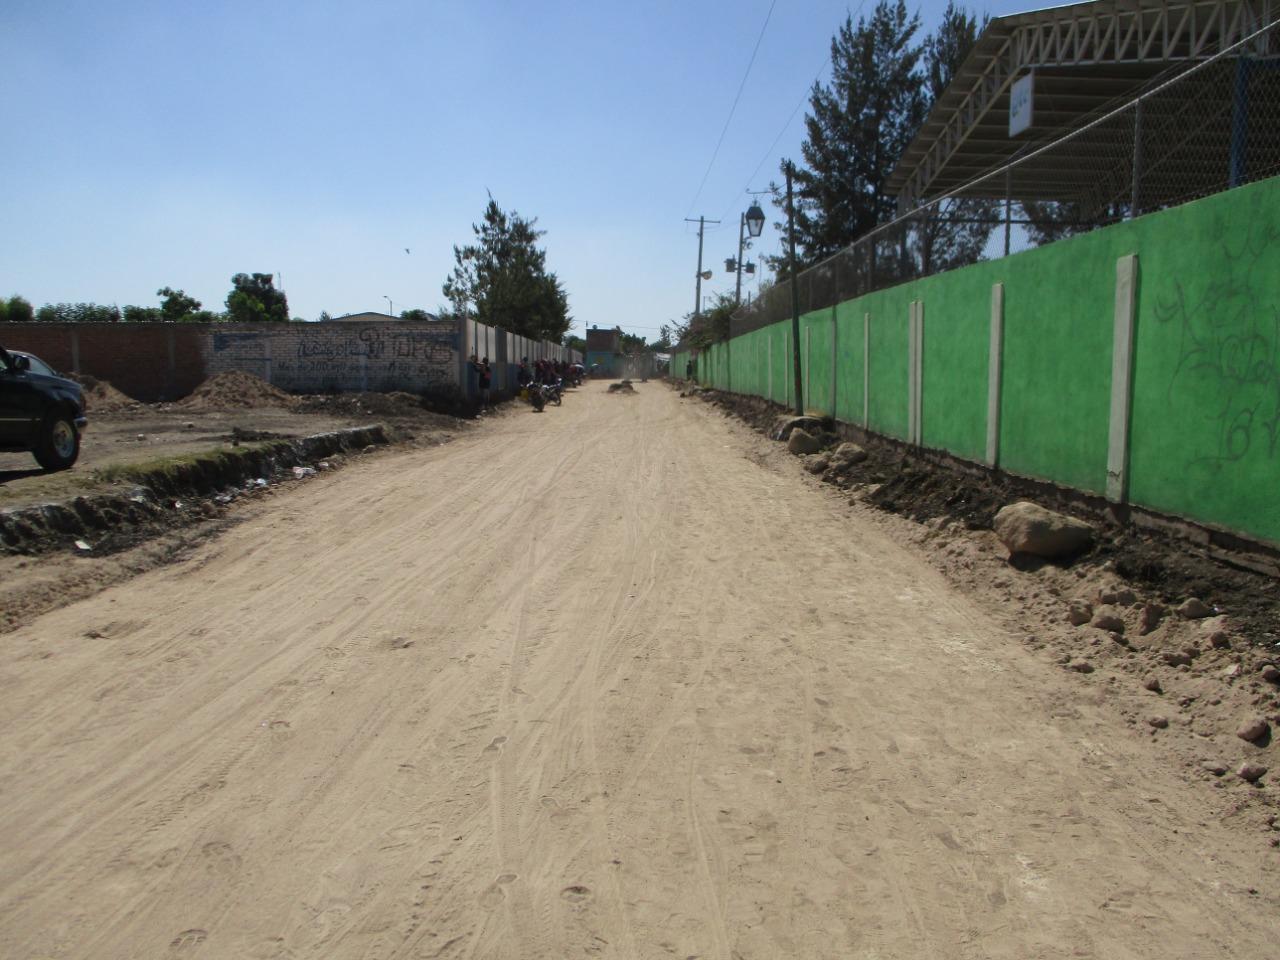 Presidencia Municipal pavimenta caminos de San Diego el Grande.